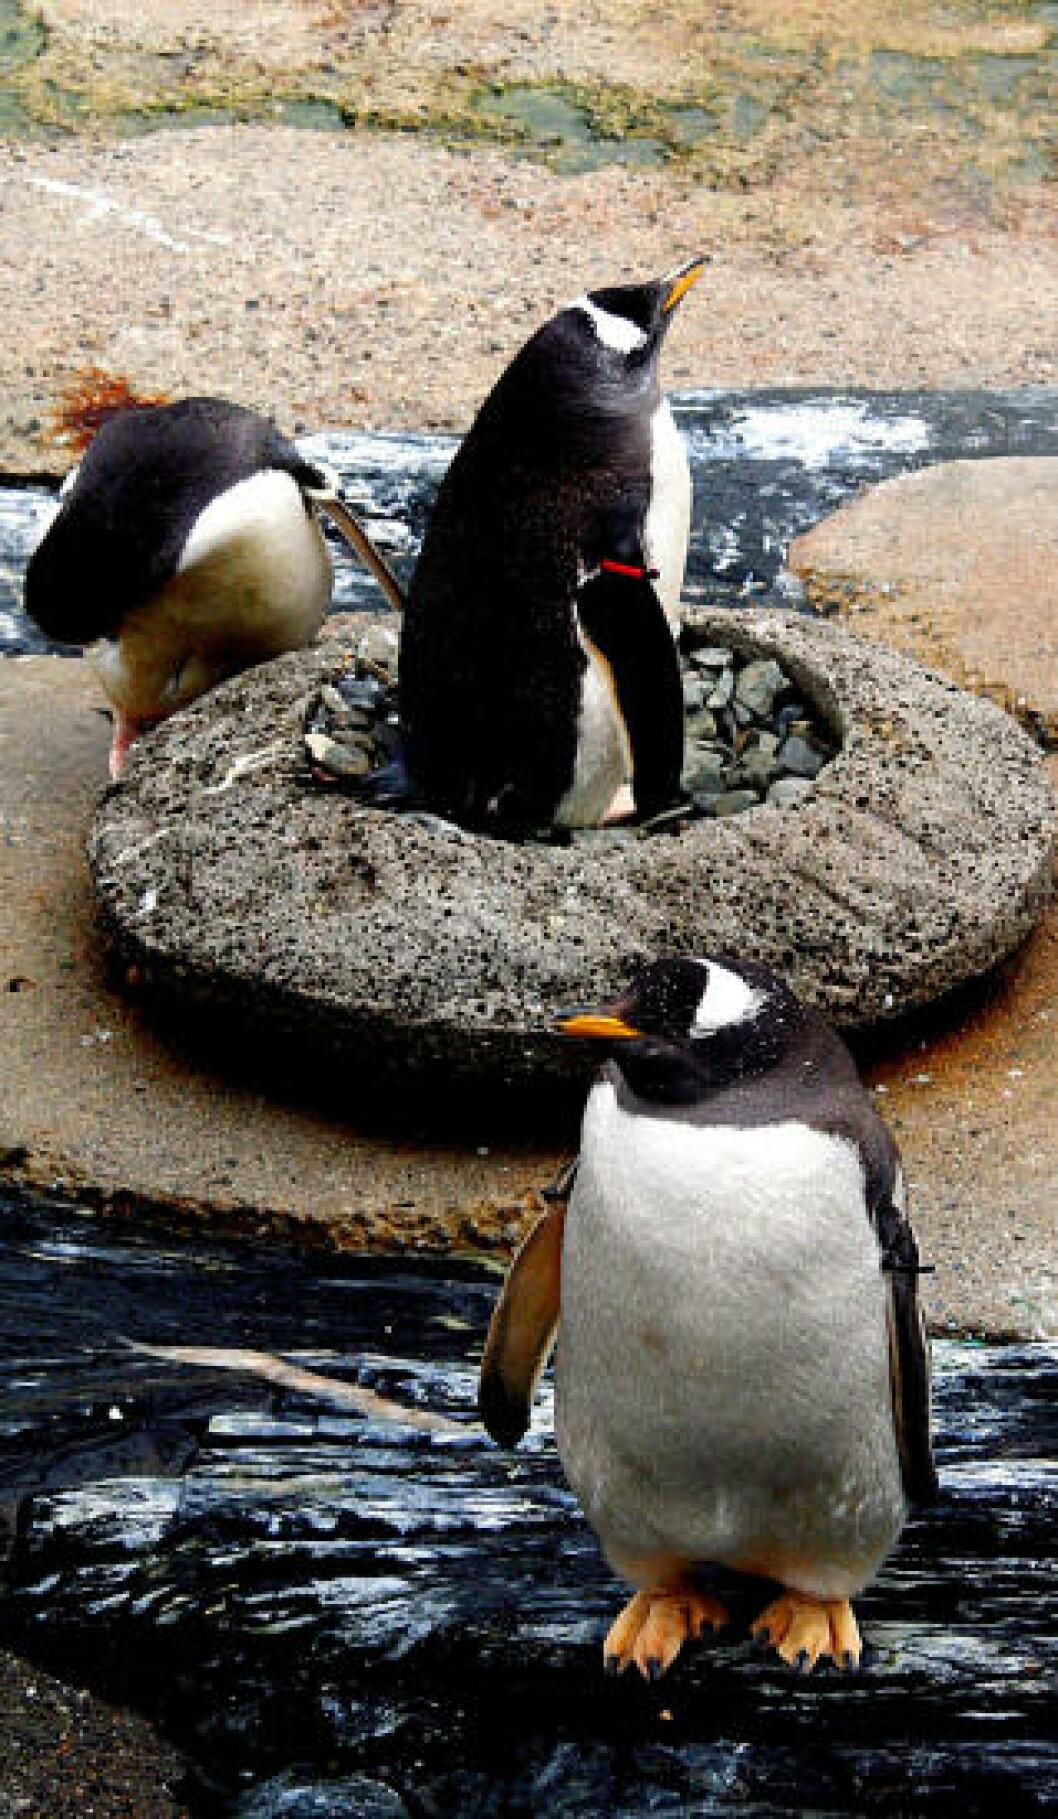 <strong>AKVARIET I BERGEN:</strong> Bøylepingvinene er et sjarmerende bekjenskap i Norges største akvarium som også frister med haitunnel, sjøløveshow med plask og sprut, nye apeunger og en nyfødt selunge. Foto: KIRSTEN M. BUZZI